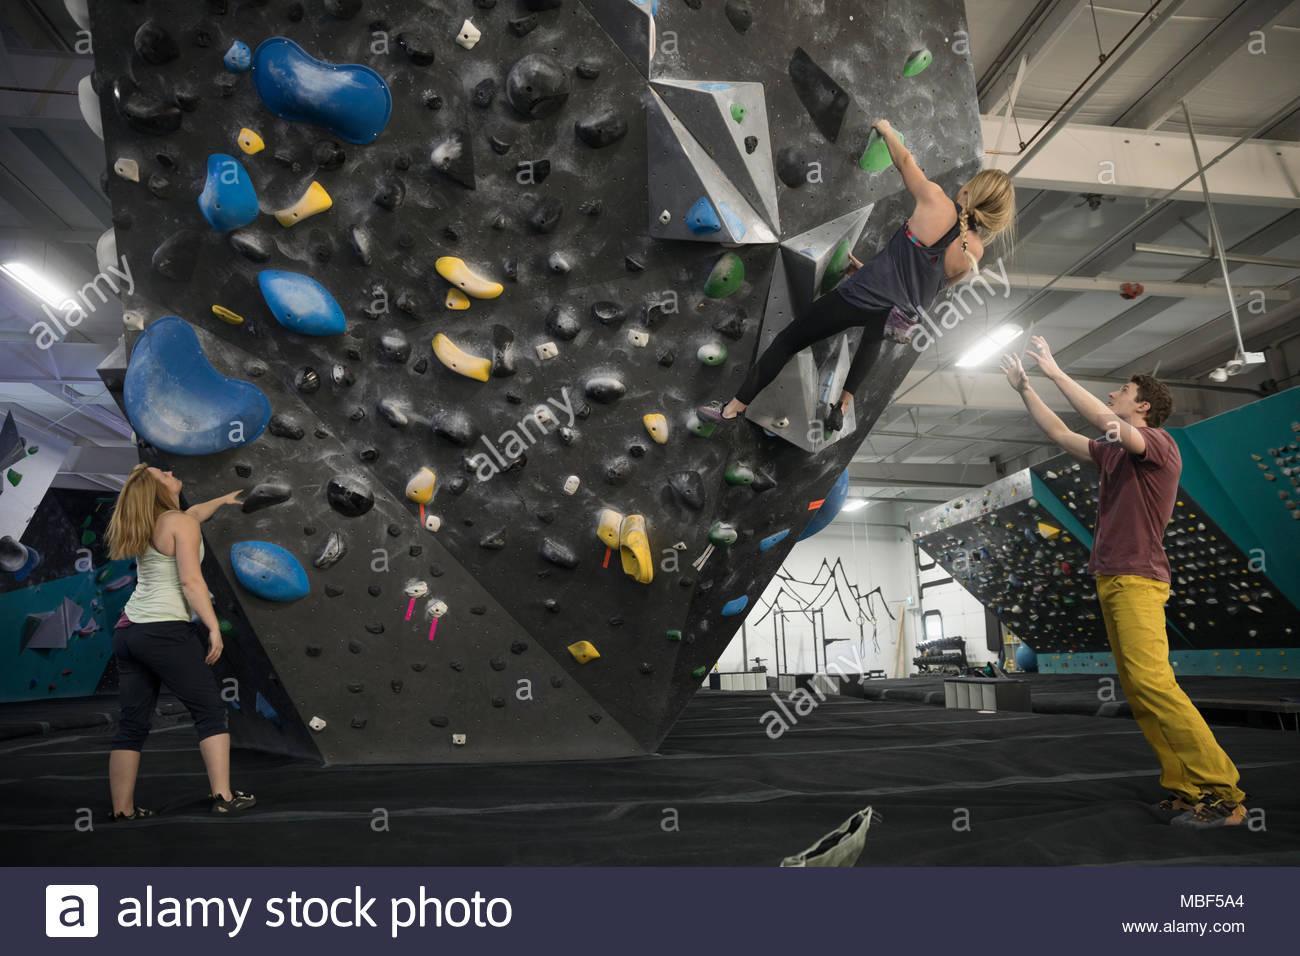 Escalador manchado pareja muro de escalada en el gimnasio de escalada Imagen De Stock